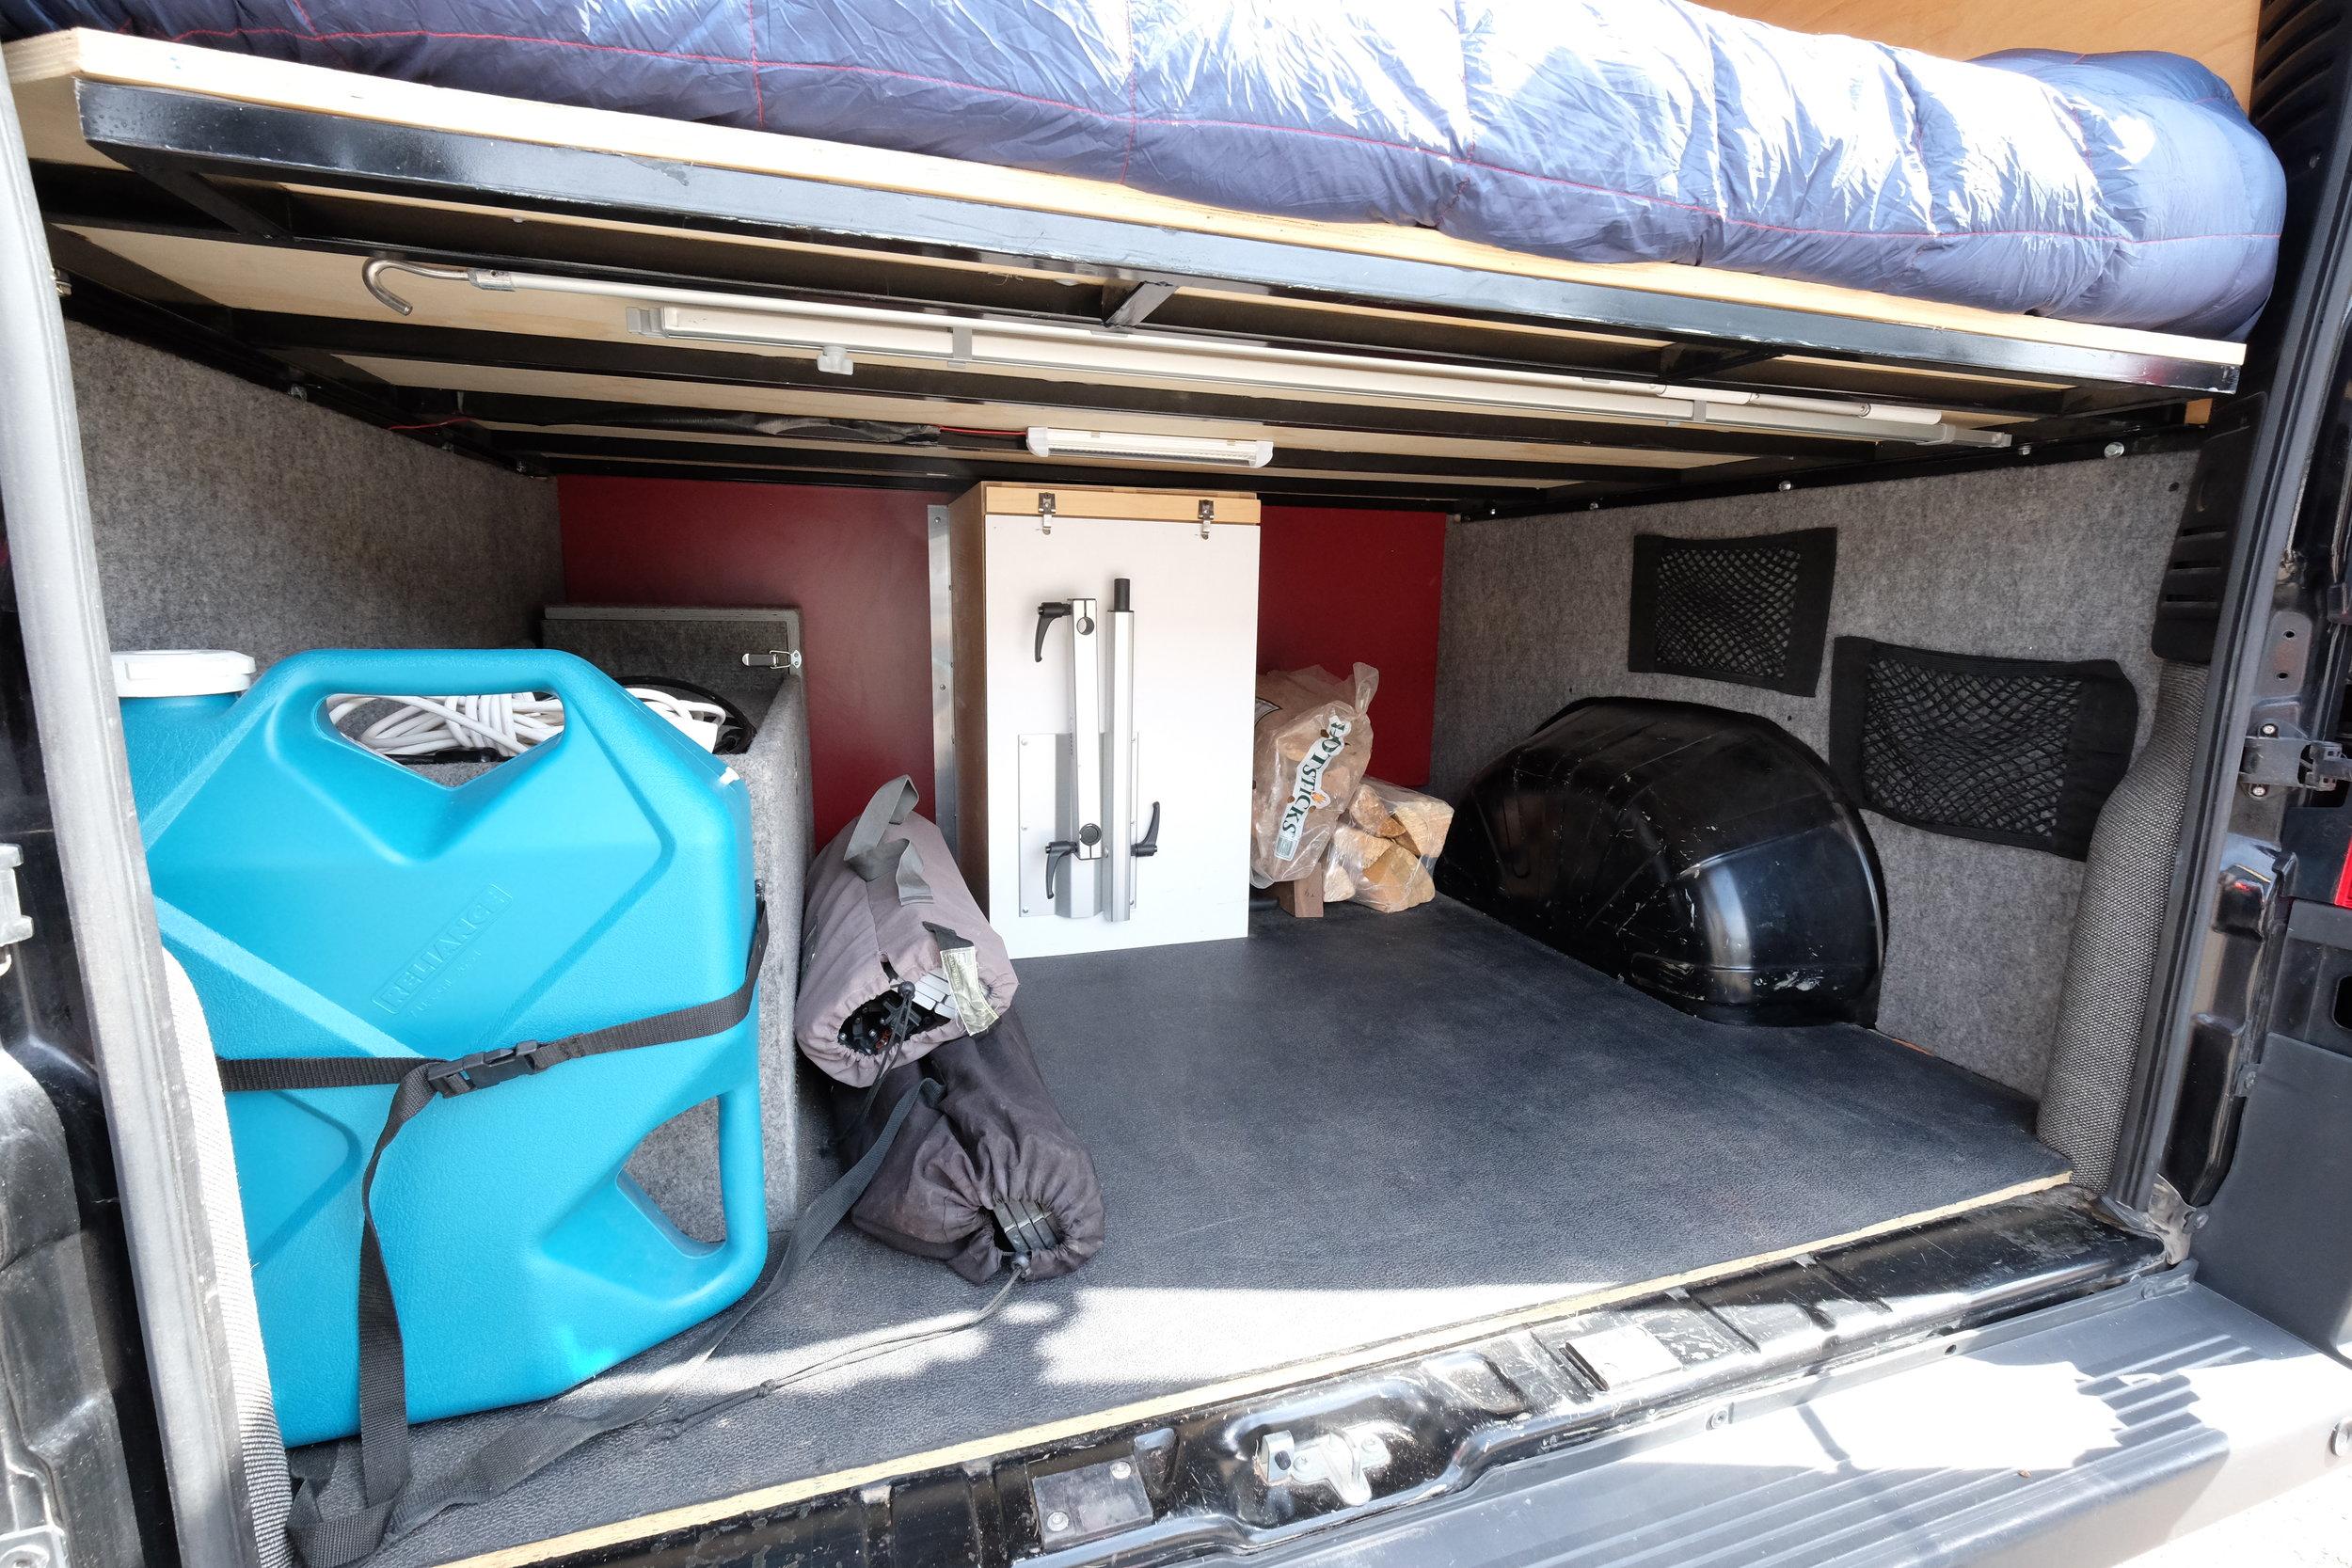 Dodge Promaster Camper Van Conversion Garage (For Sale)